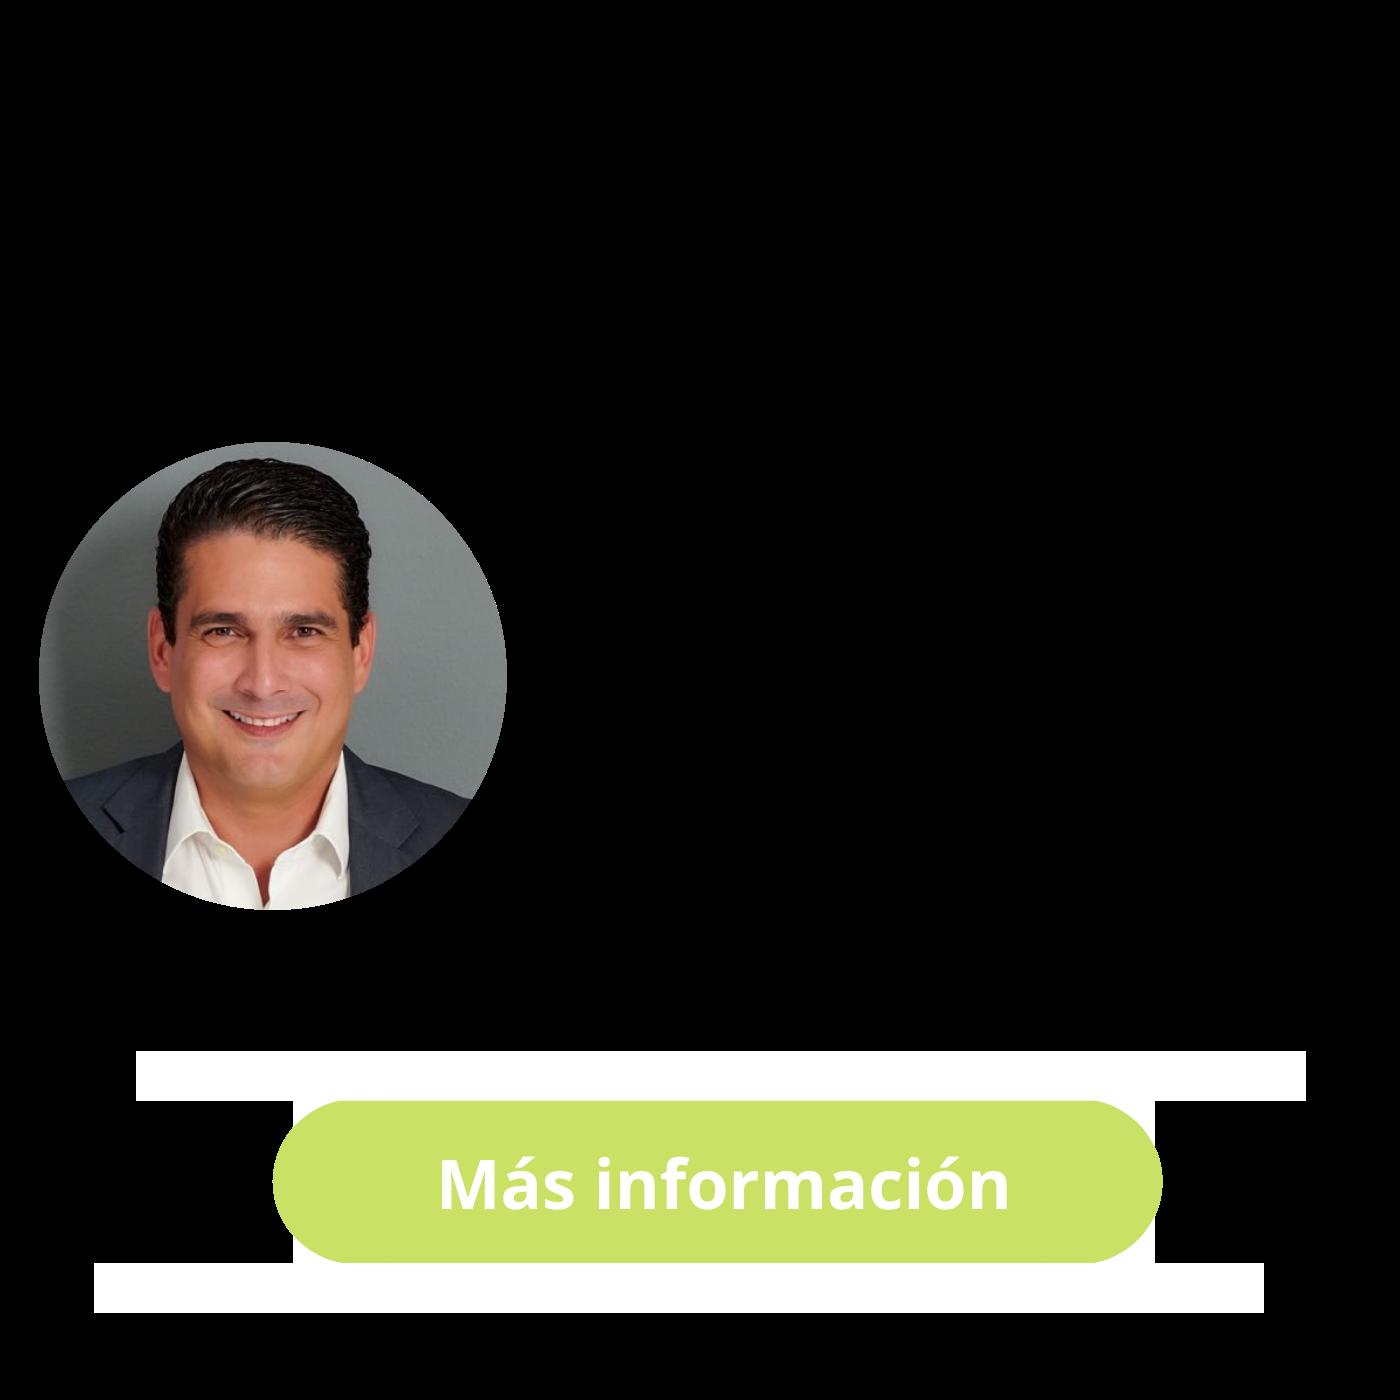 El Sistema De Recogida De Basura En Santa Tecla Las Calles, Más Limpias. Newsletter. Infografía. Roberto d'Aubuisson. 2021